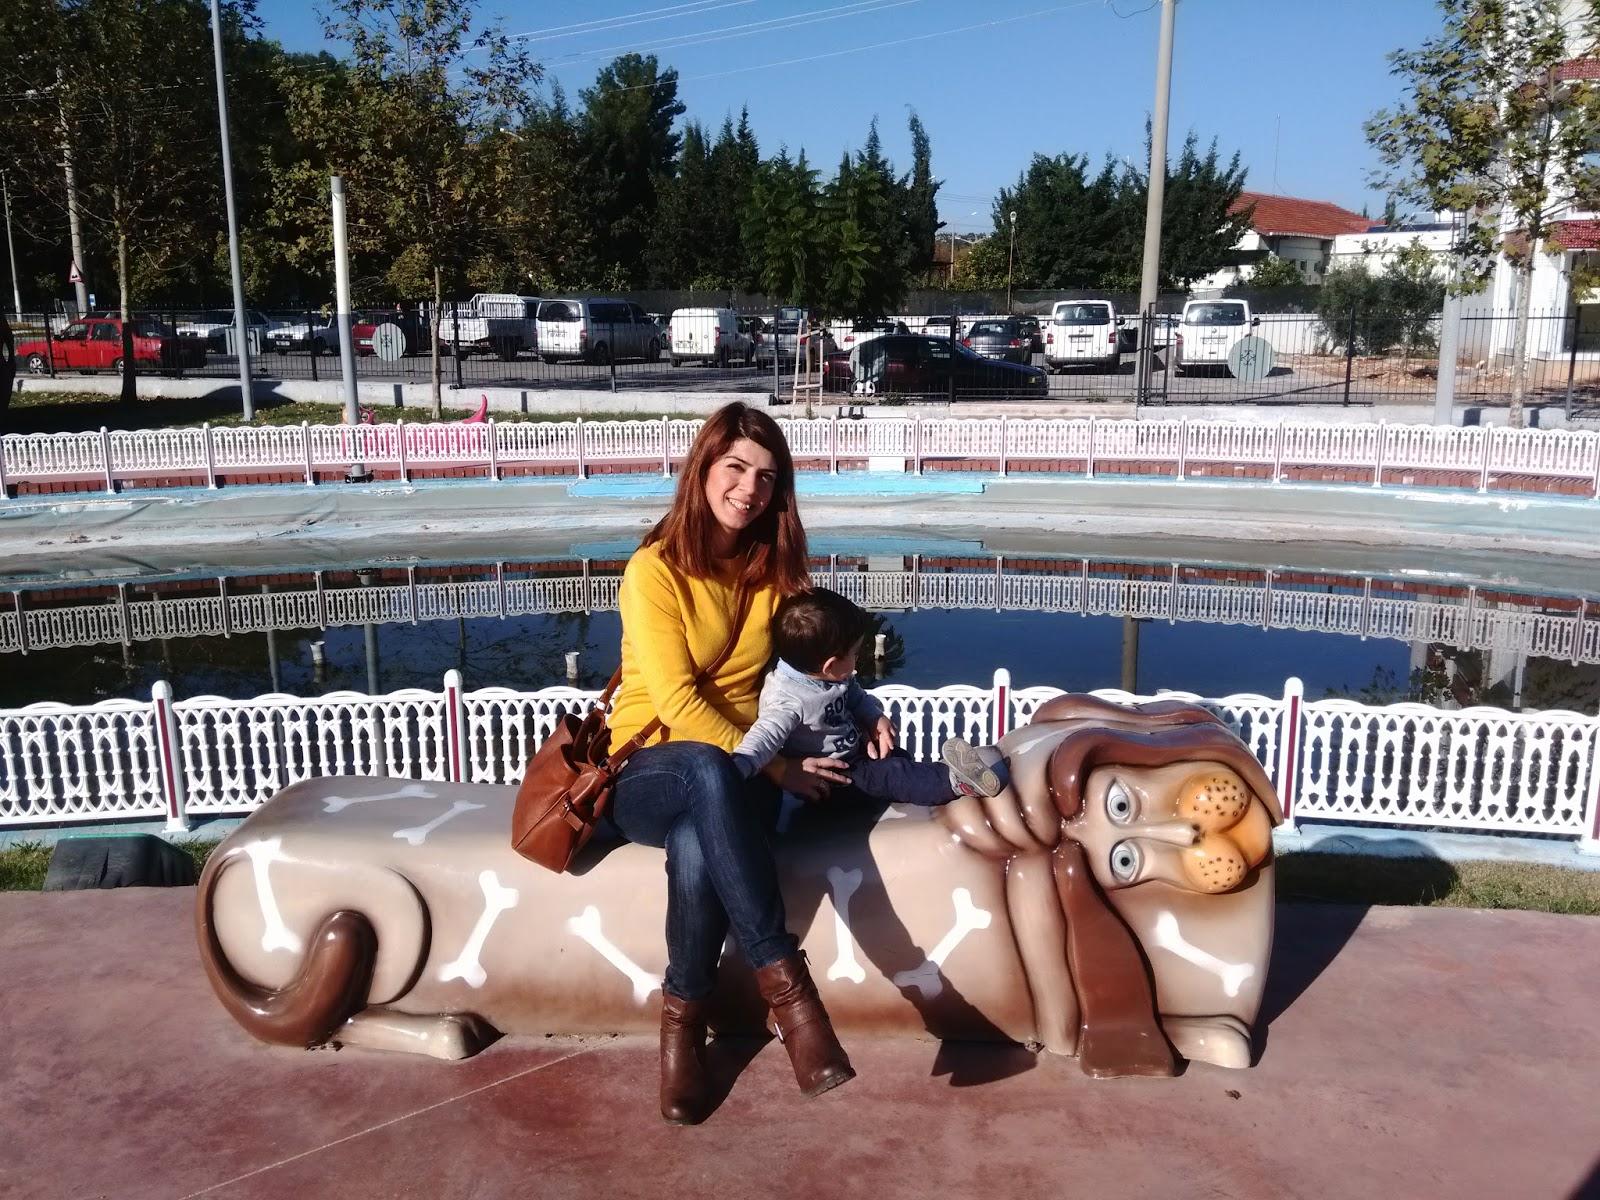 aslan,bank,park